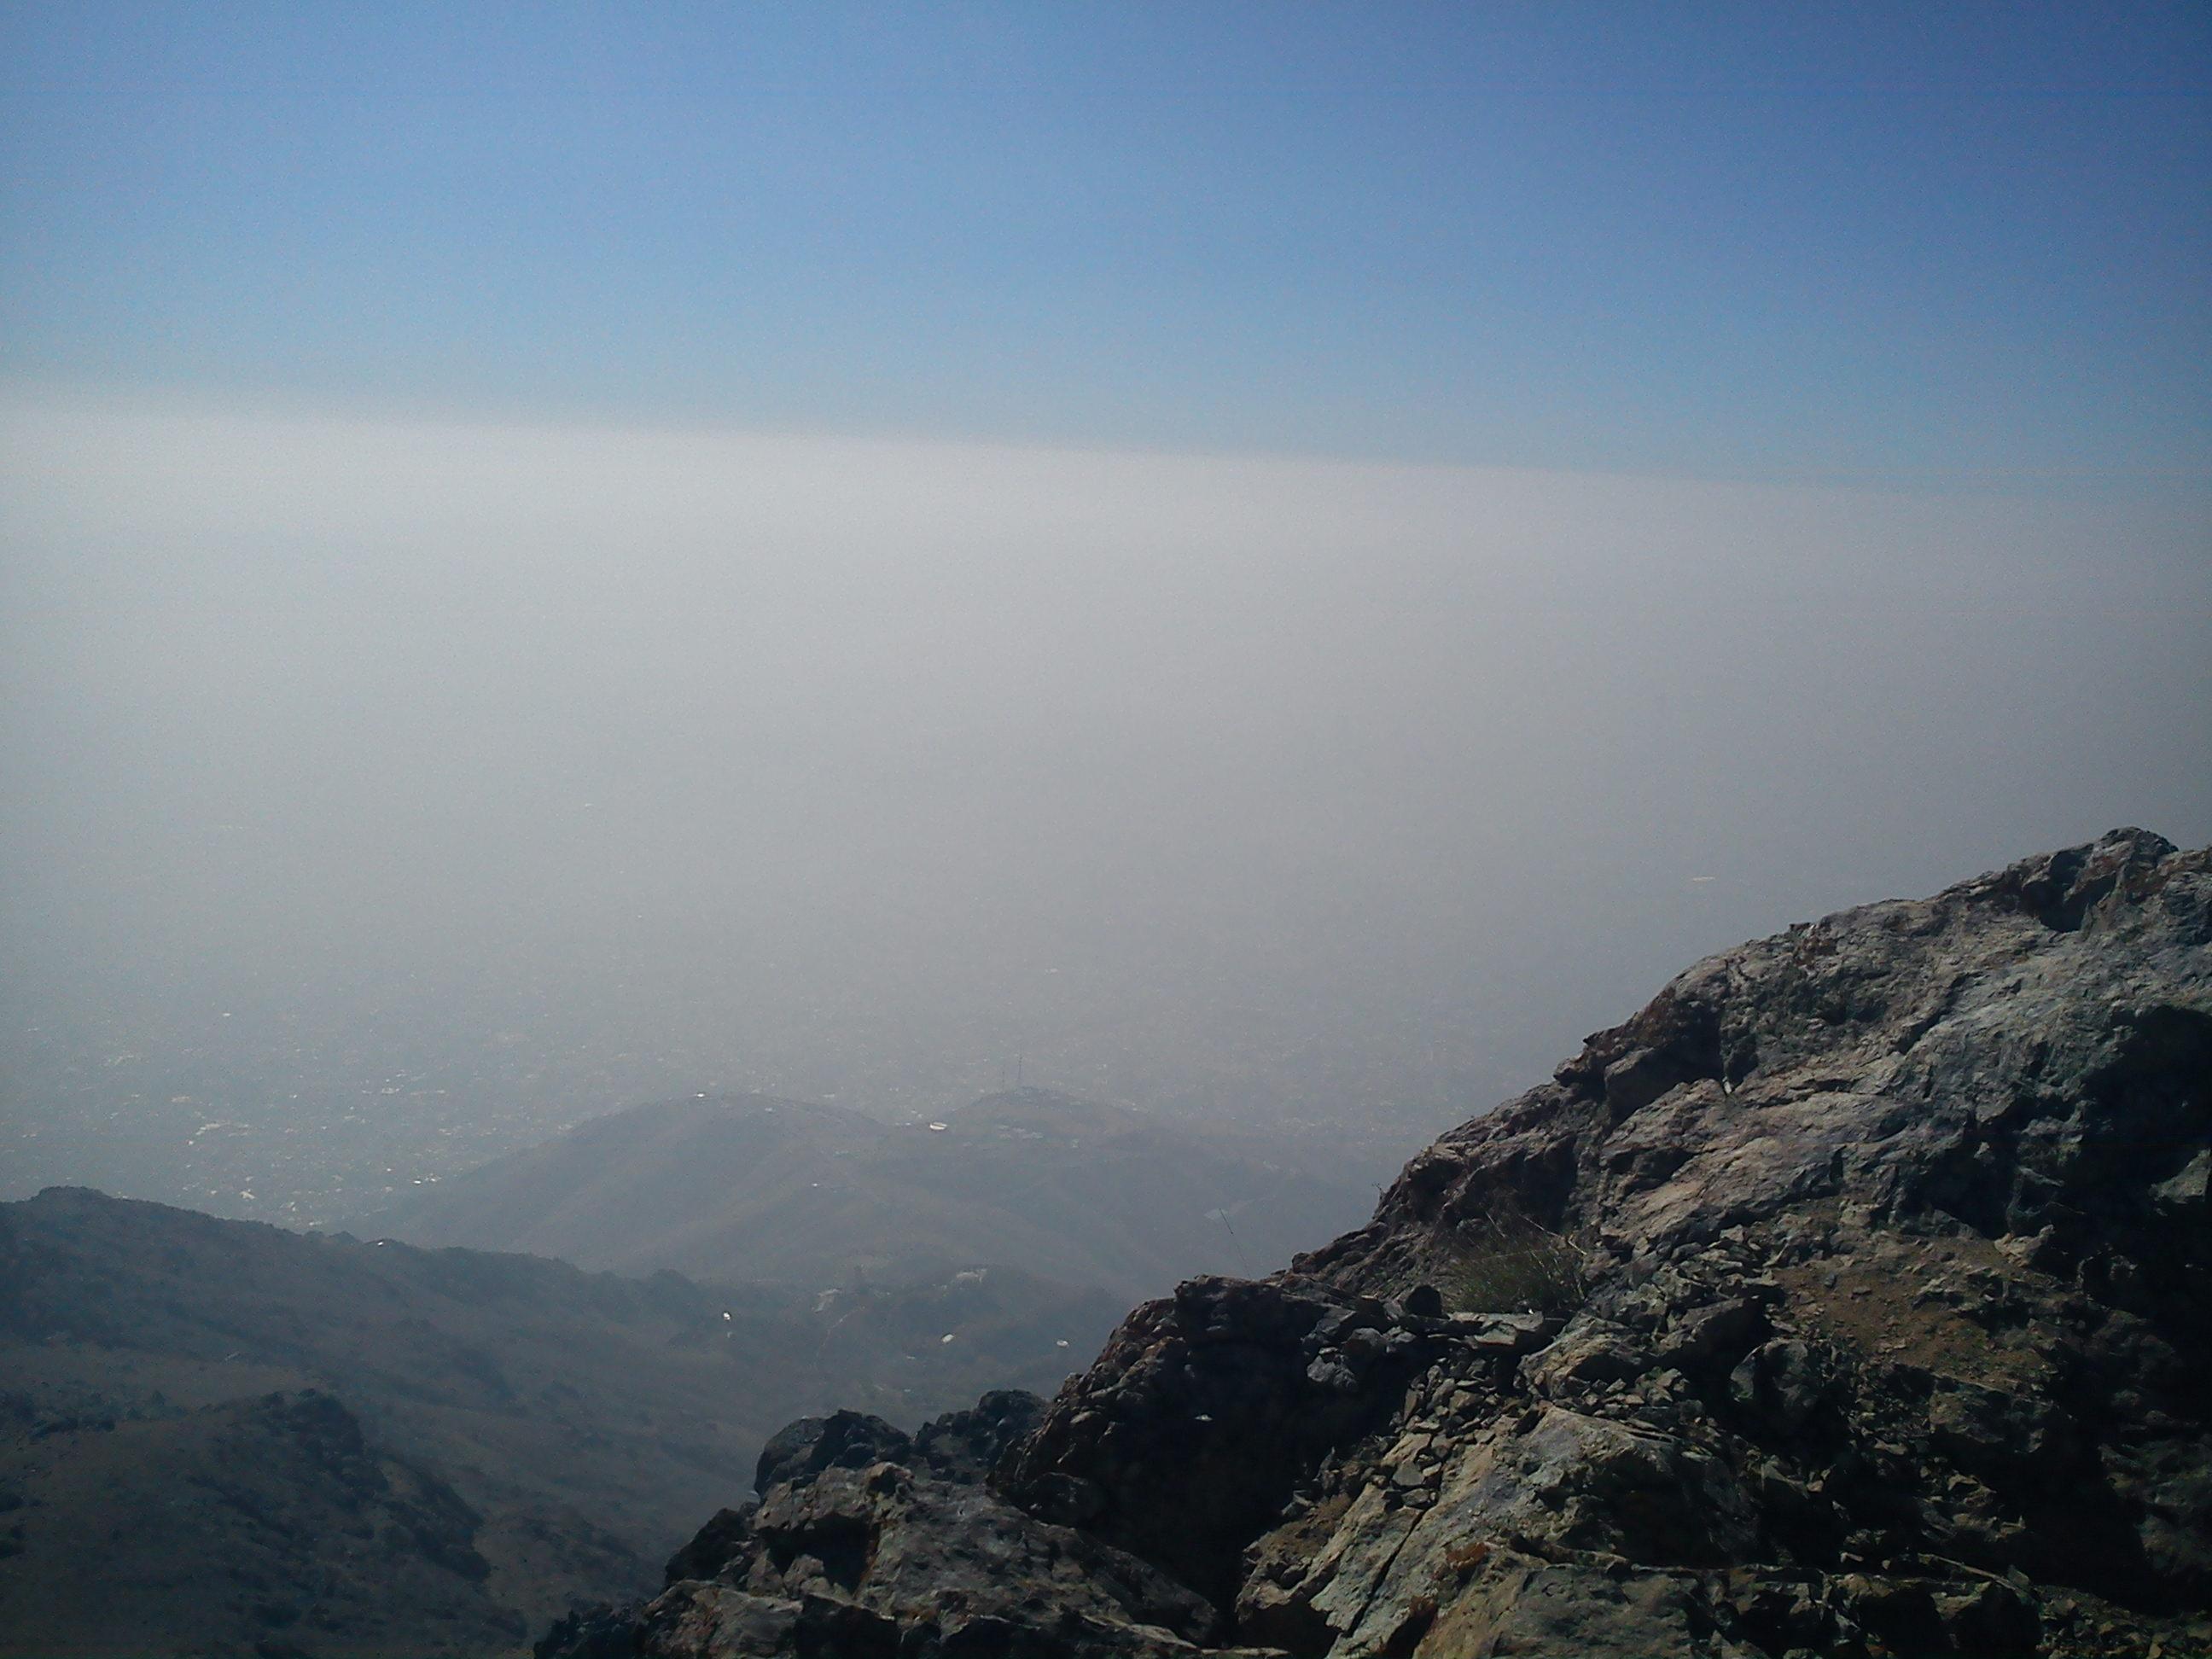 نمایی از هوای آلوده تهران از قله کلکچال